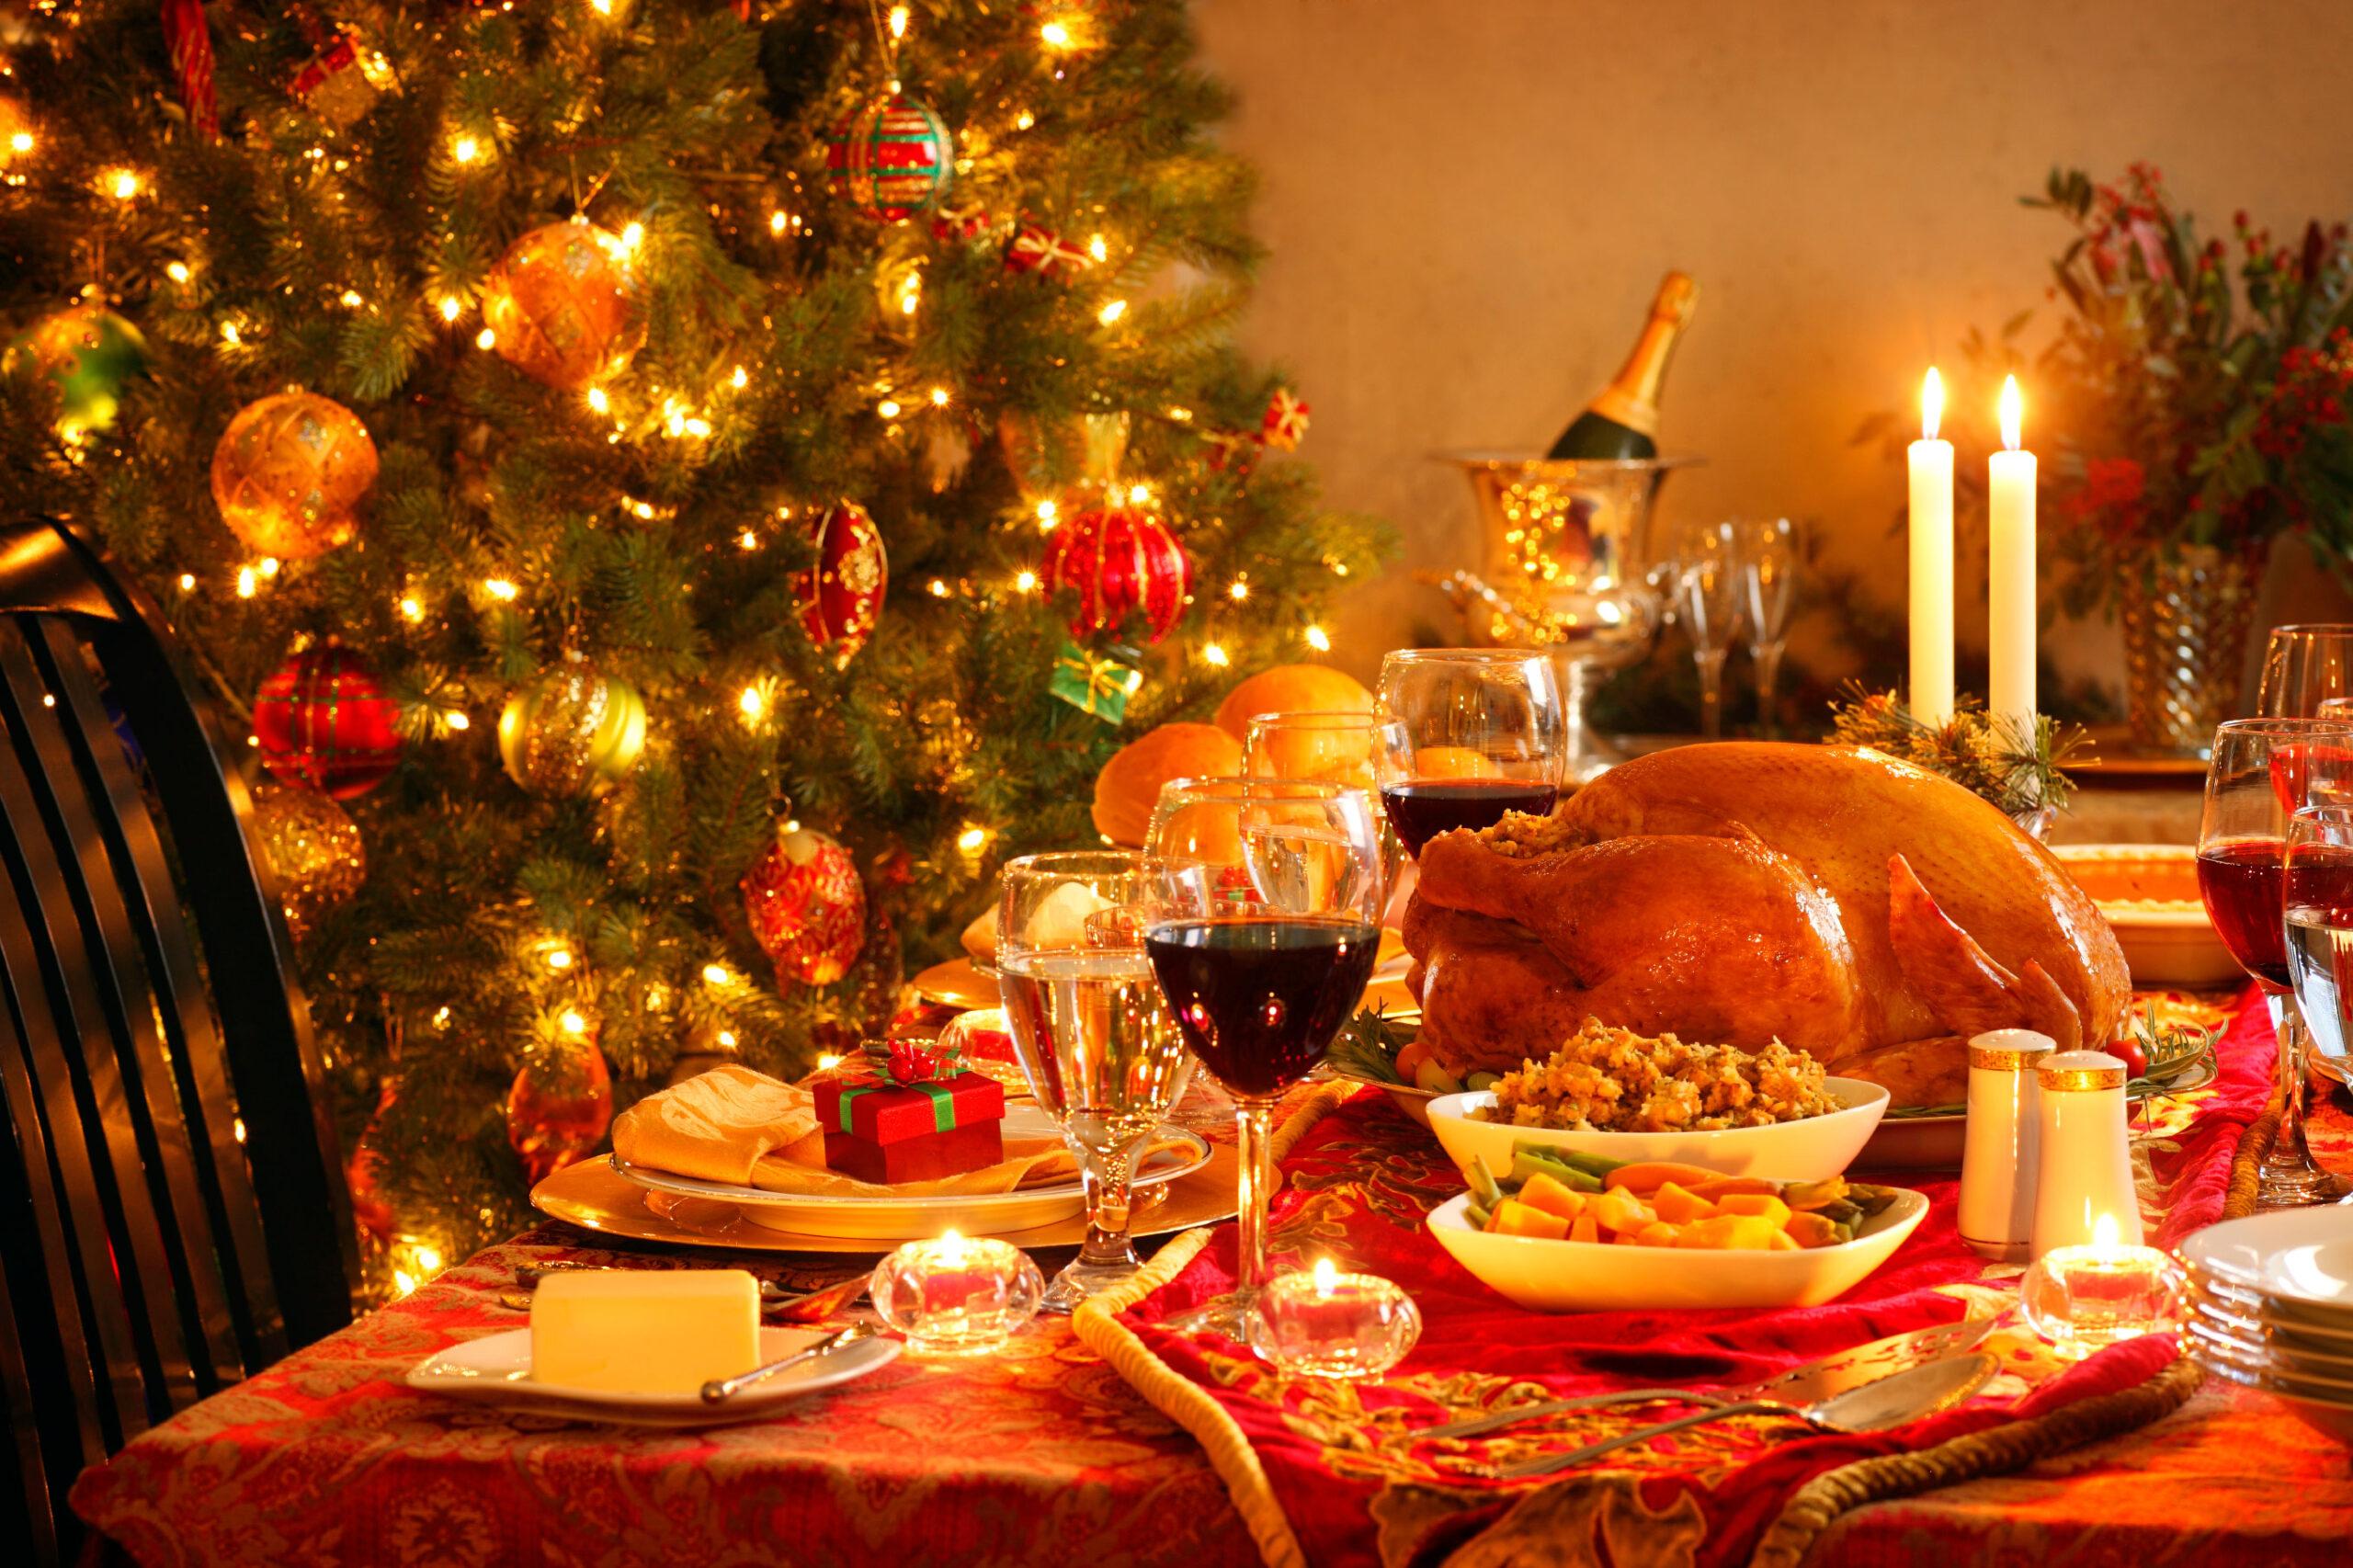 Natale, il piano del governo in un nuovo Dpcm: sì ai regali, no ai cenoni